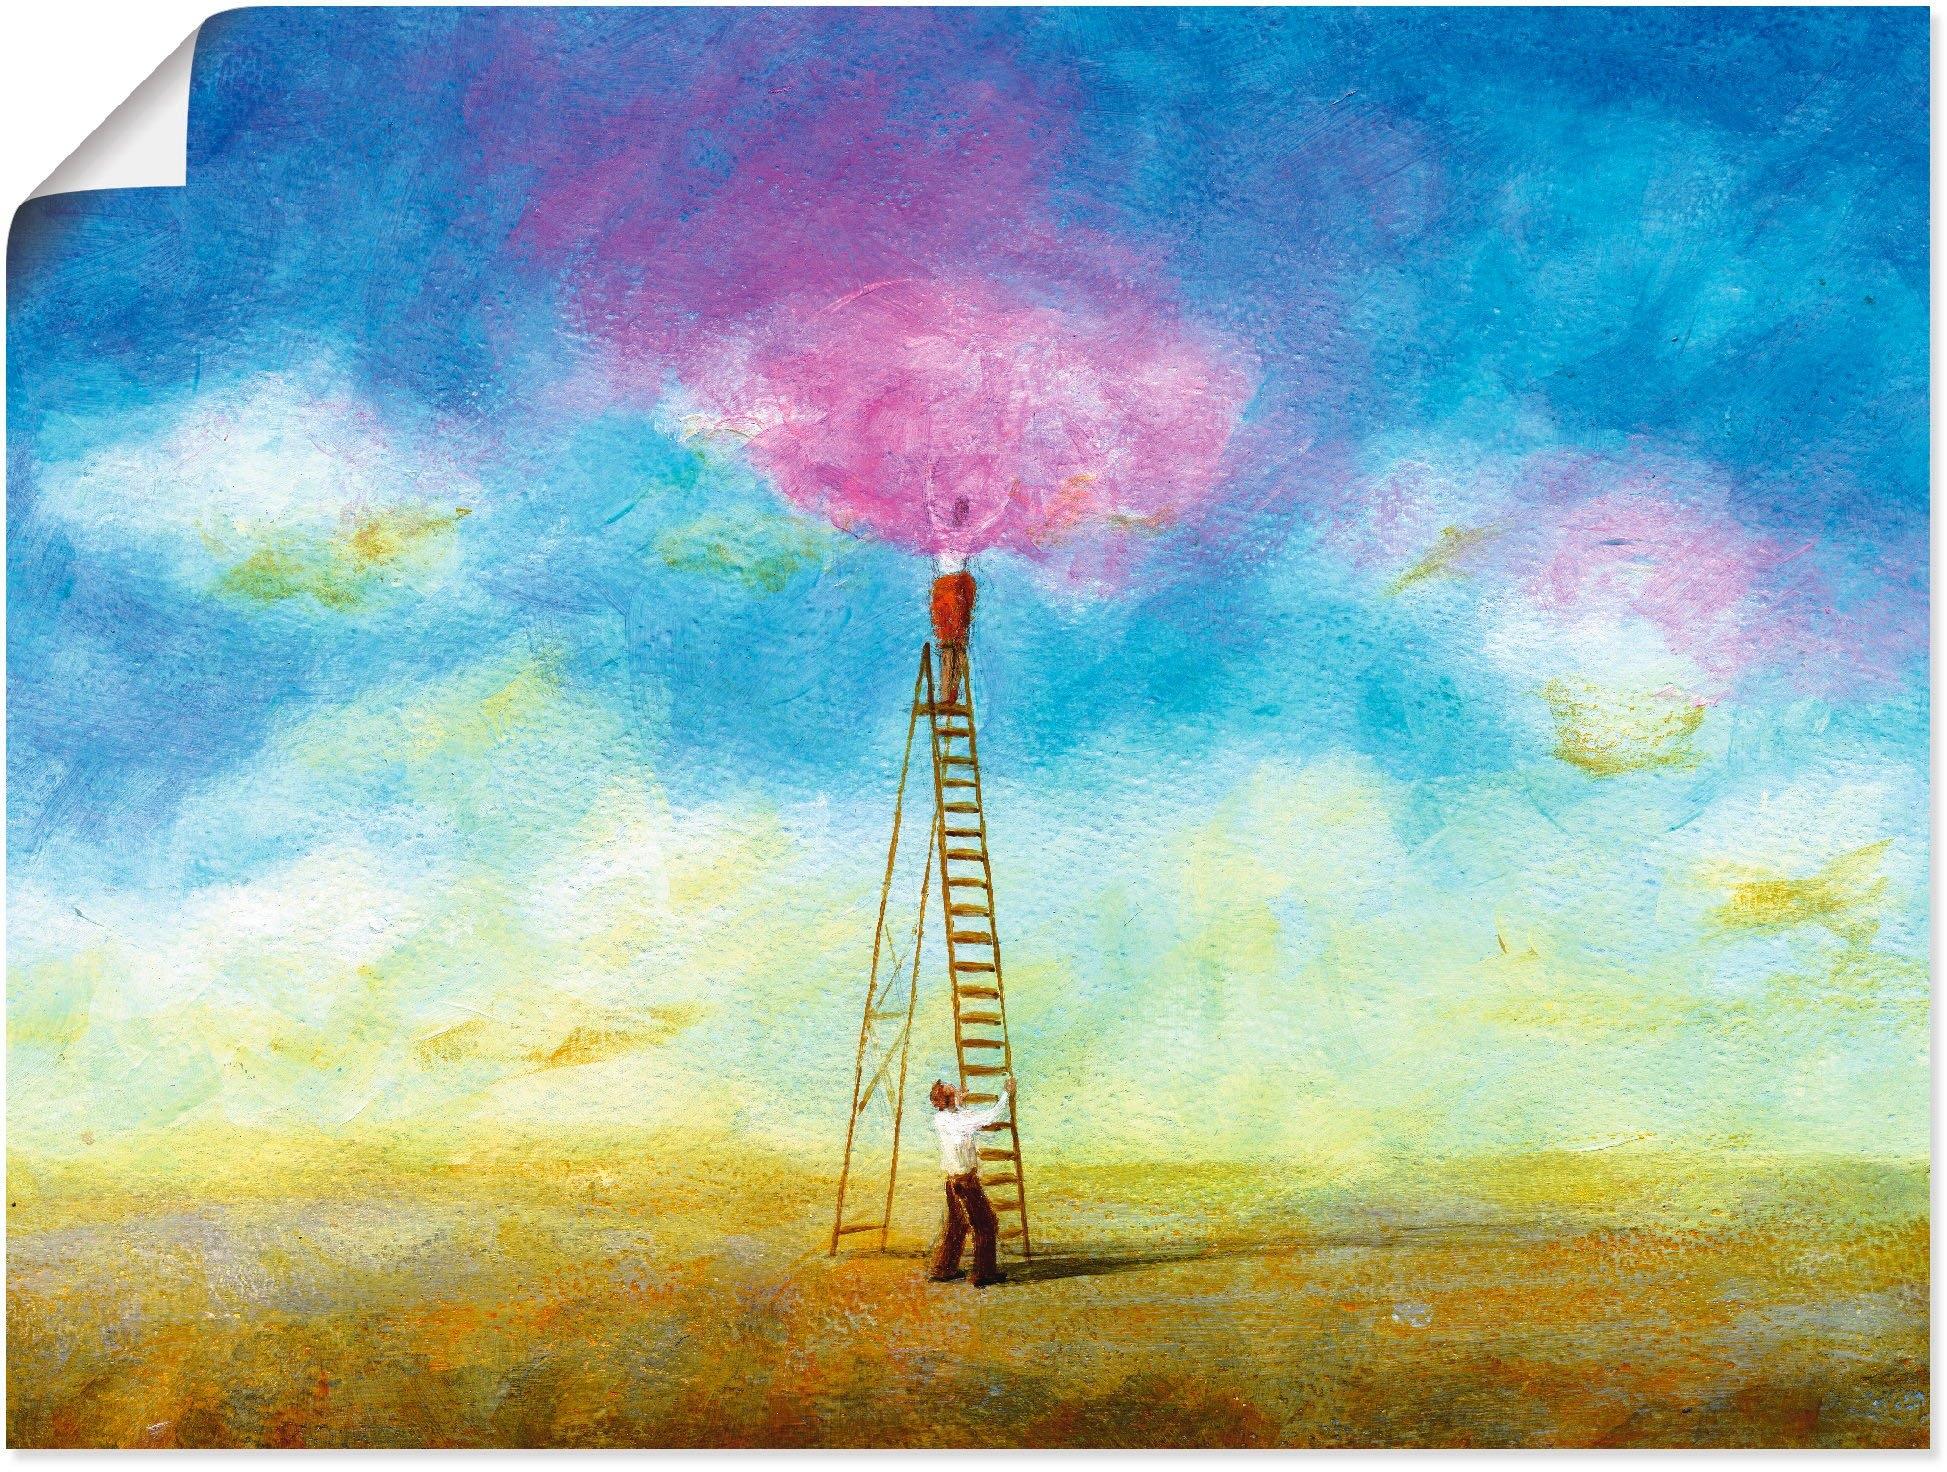 Artland artprint Rozerode wolk 1 in vele afmetingen & productsoorten -artprint op linnen, poster, muursticker / wandfolie ook geschikt voor de badkamer (1 stuk) nu online kopen bij OTTO